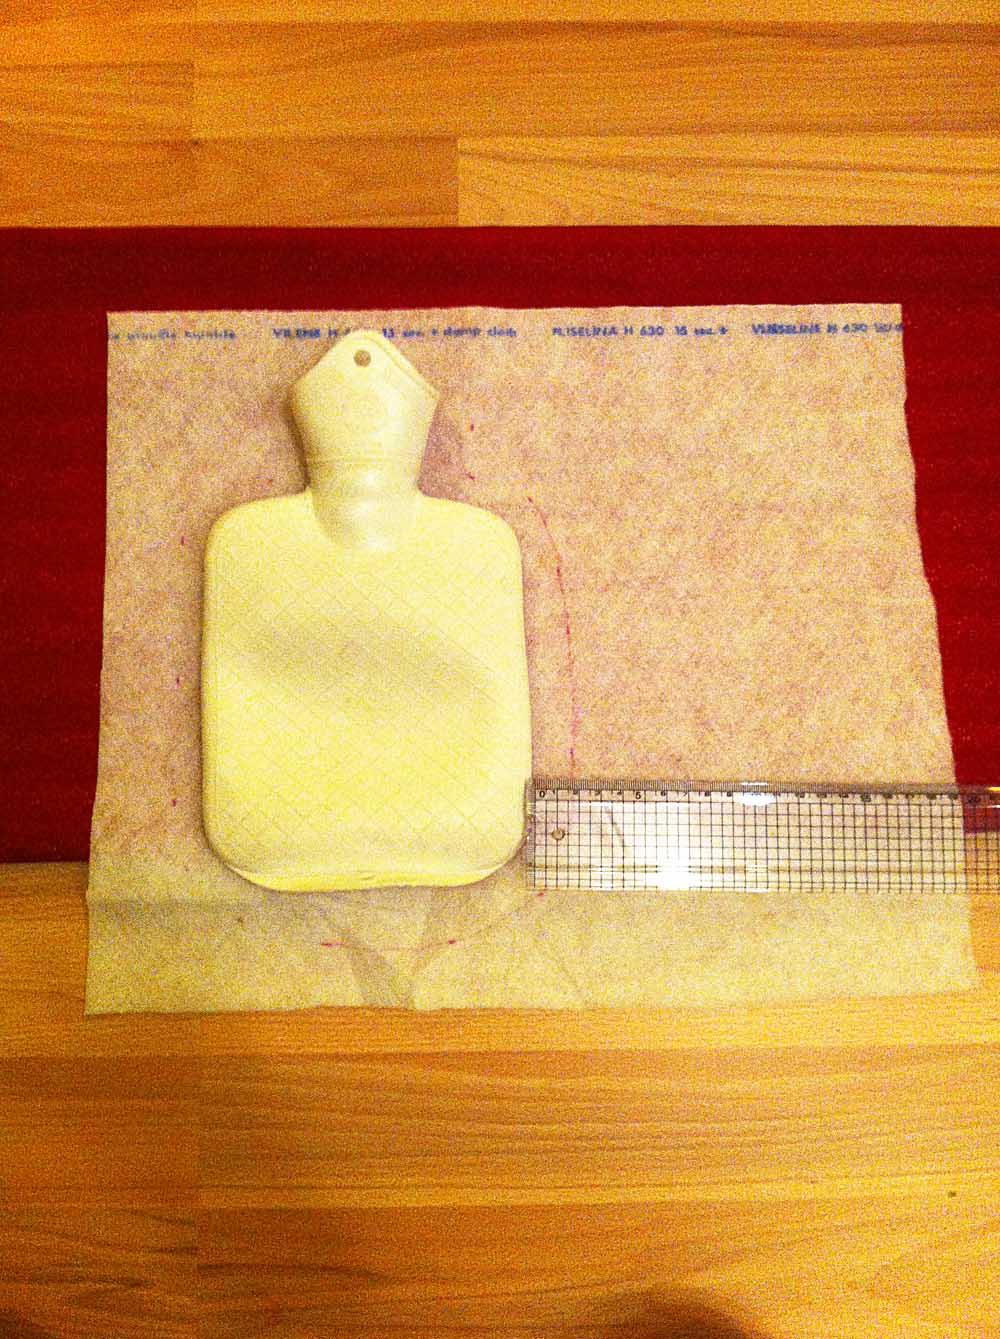 Wärmflaschenbezug selber nähen - kostenlose Anleitung